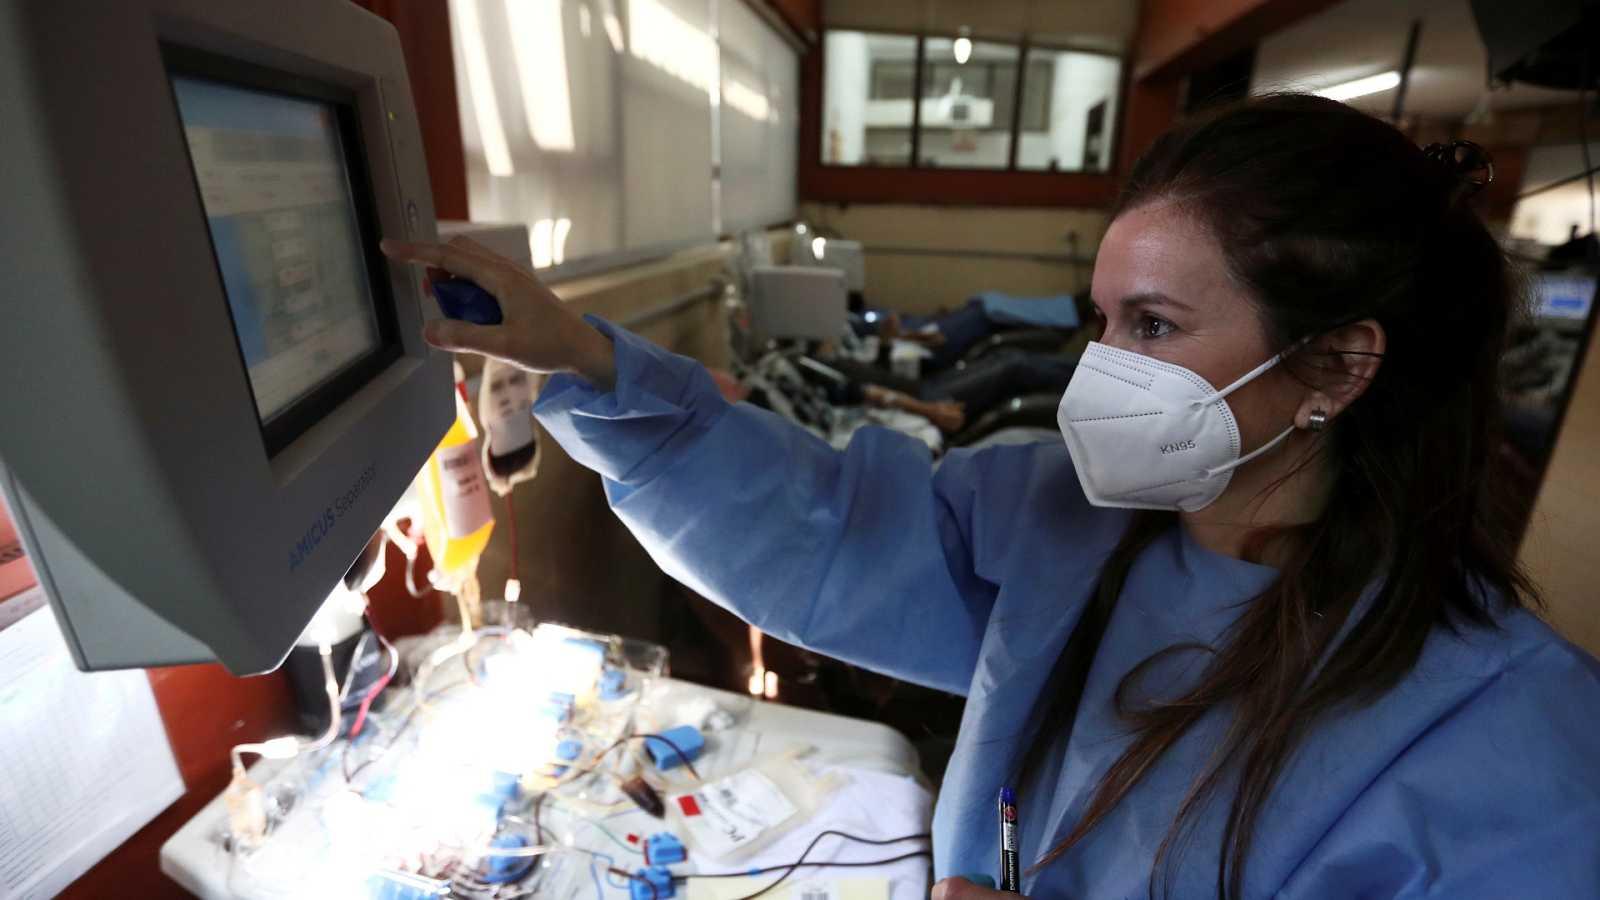 Reportajes 5 Continentes - Ciudadanos del mundo frente a la pandemia - Escuchar ahora